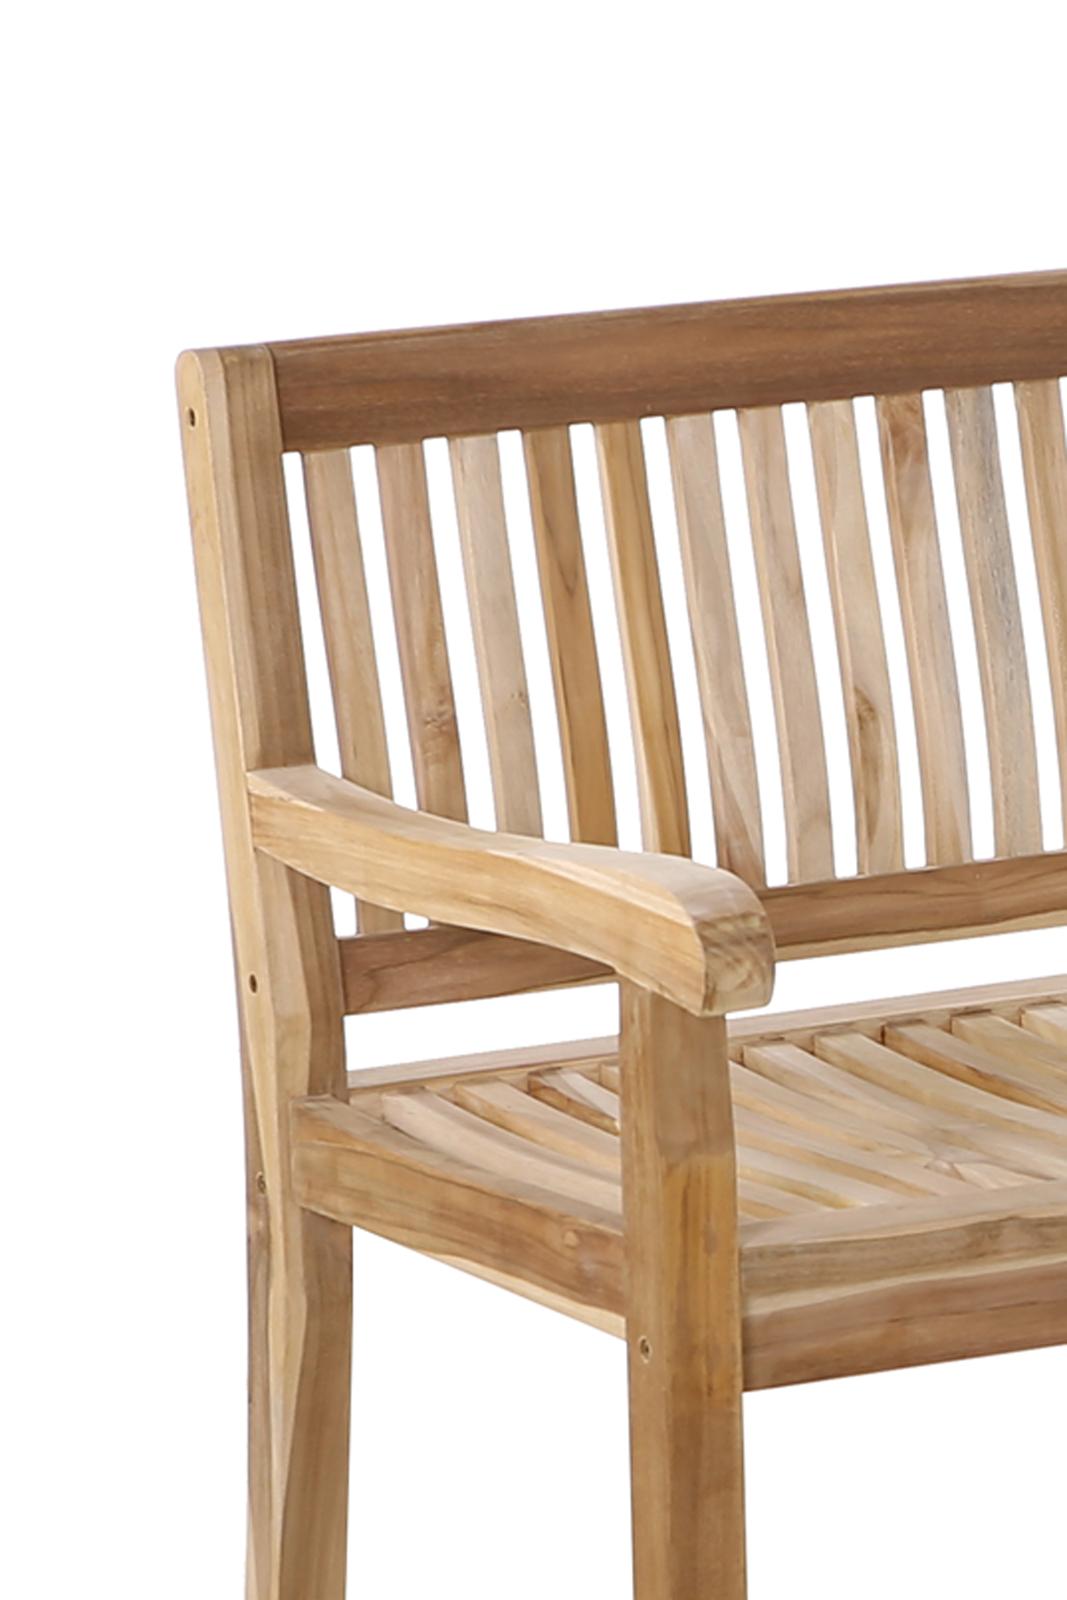 SAM® Gartenbank Holz Teak 150 cm Kingsbury günstig